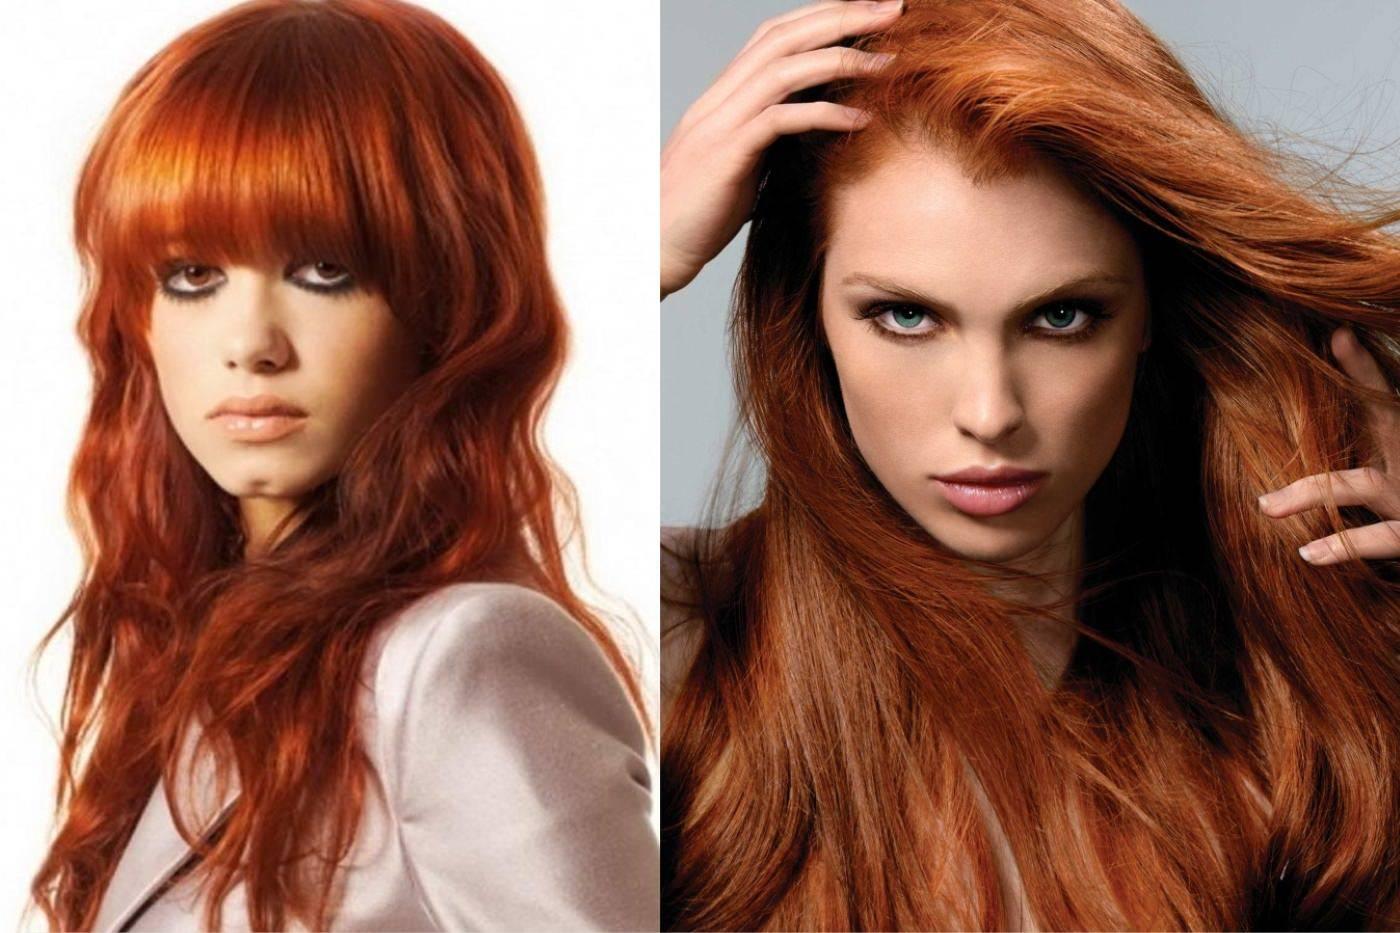 Медный цвет волос: выбираем оттенок, краску, подбираем гардероб